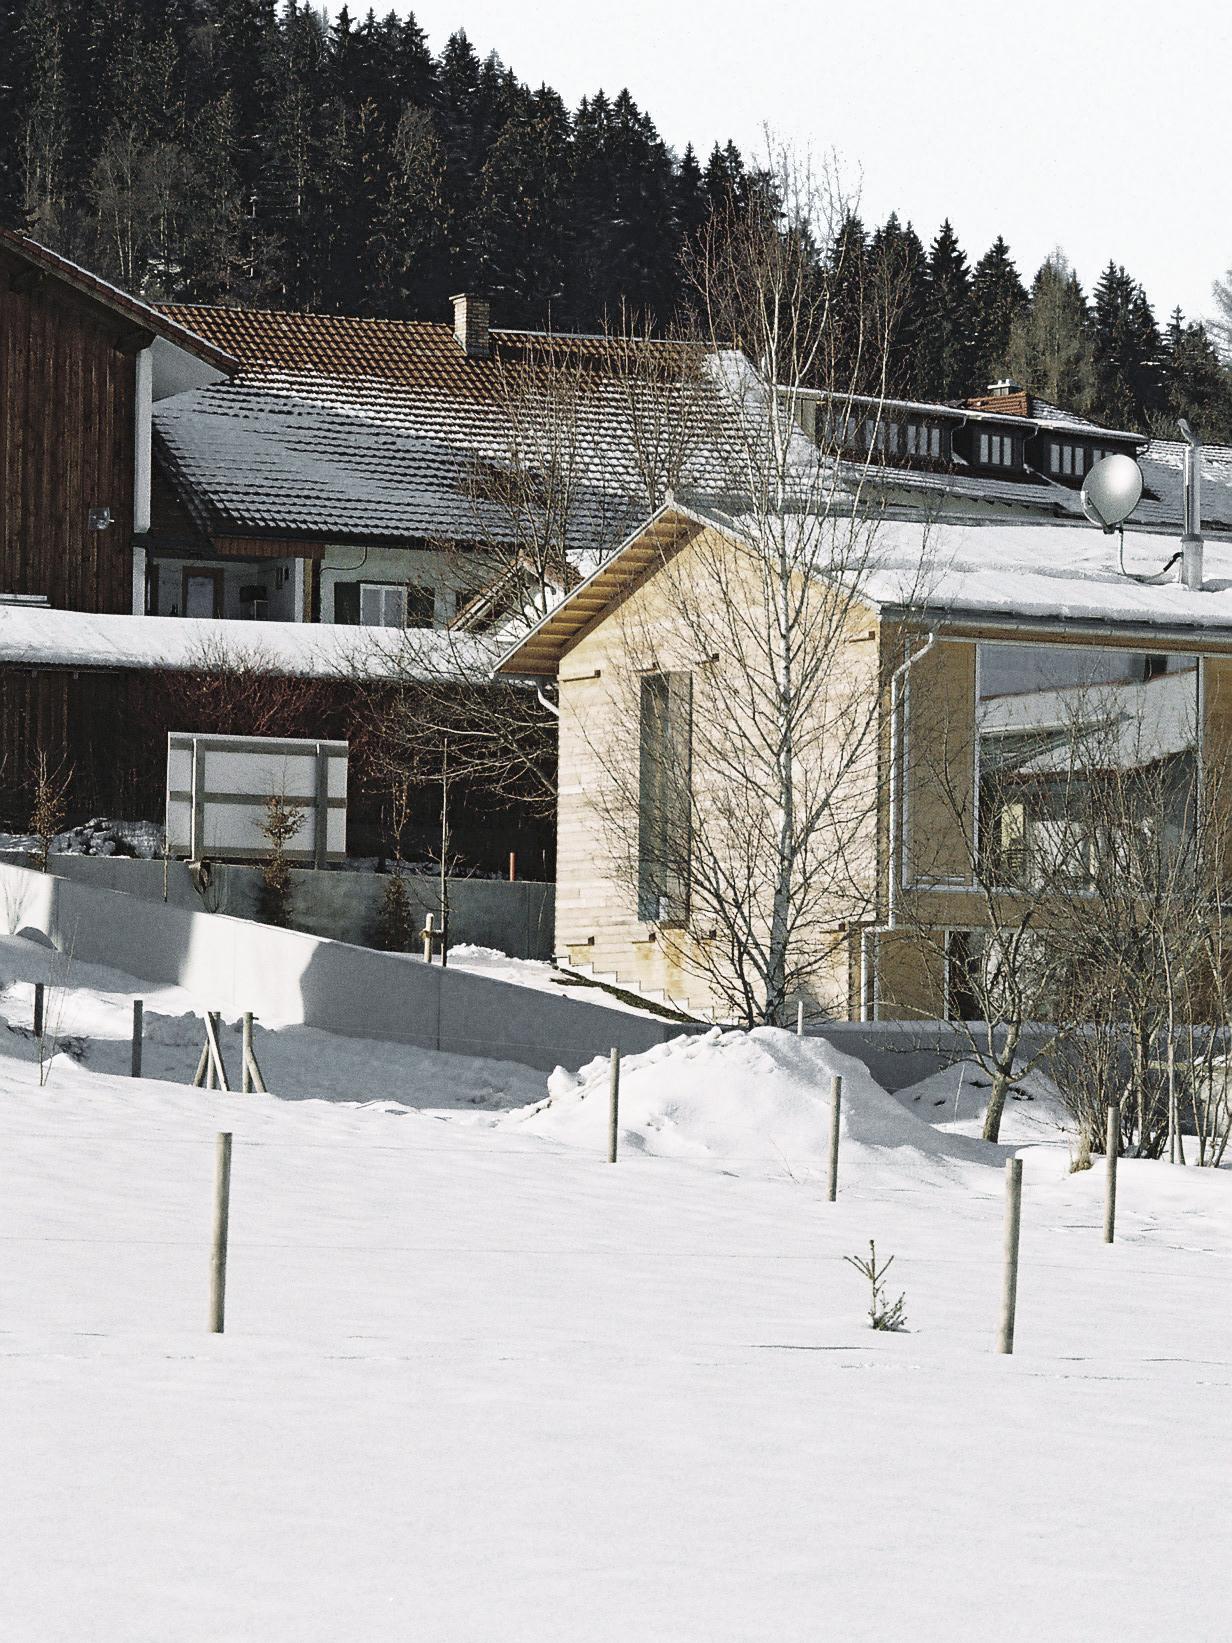 Michael-Becker-Architects-Architekten-haus-kr-01